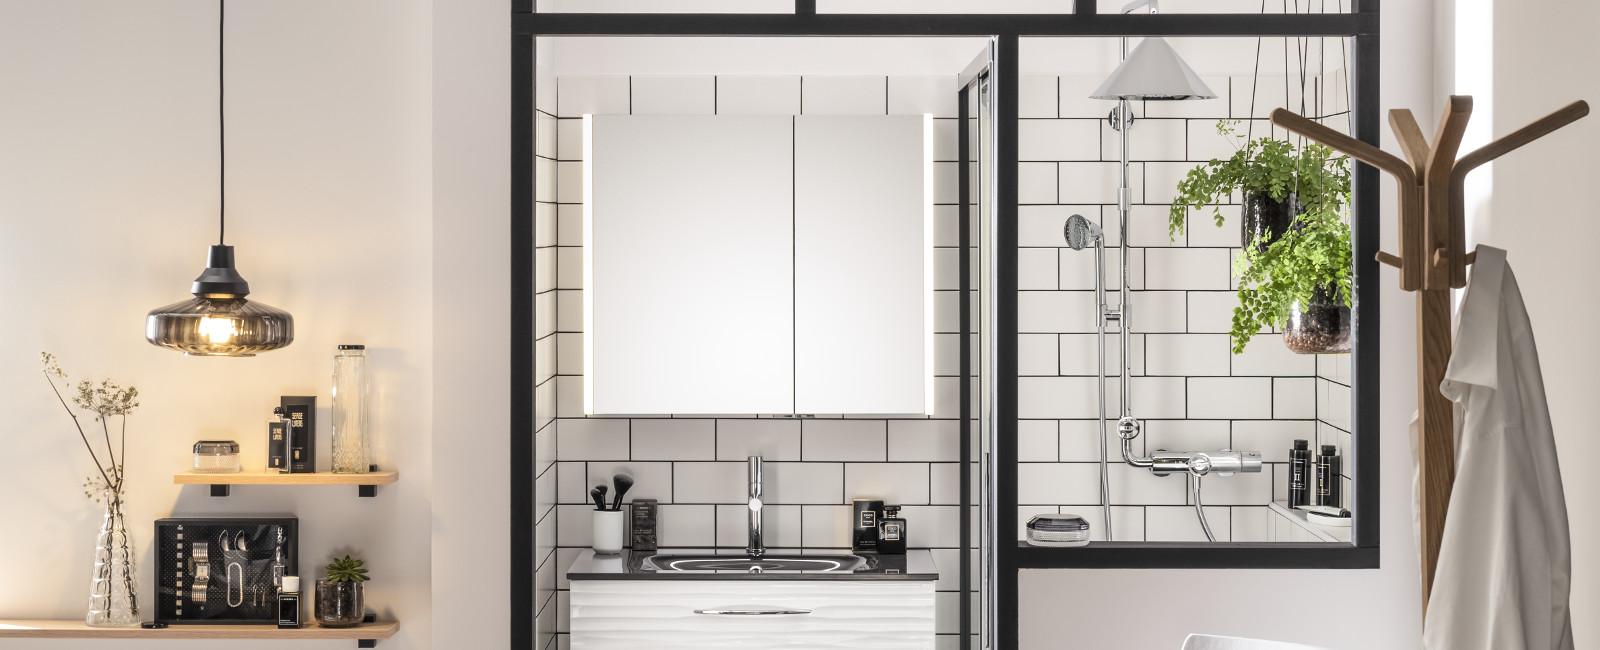 Les tendances carrelages pour la salle de bains | DELPHA